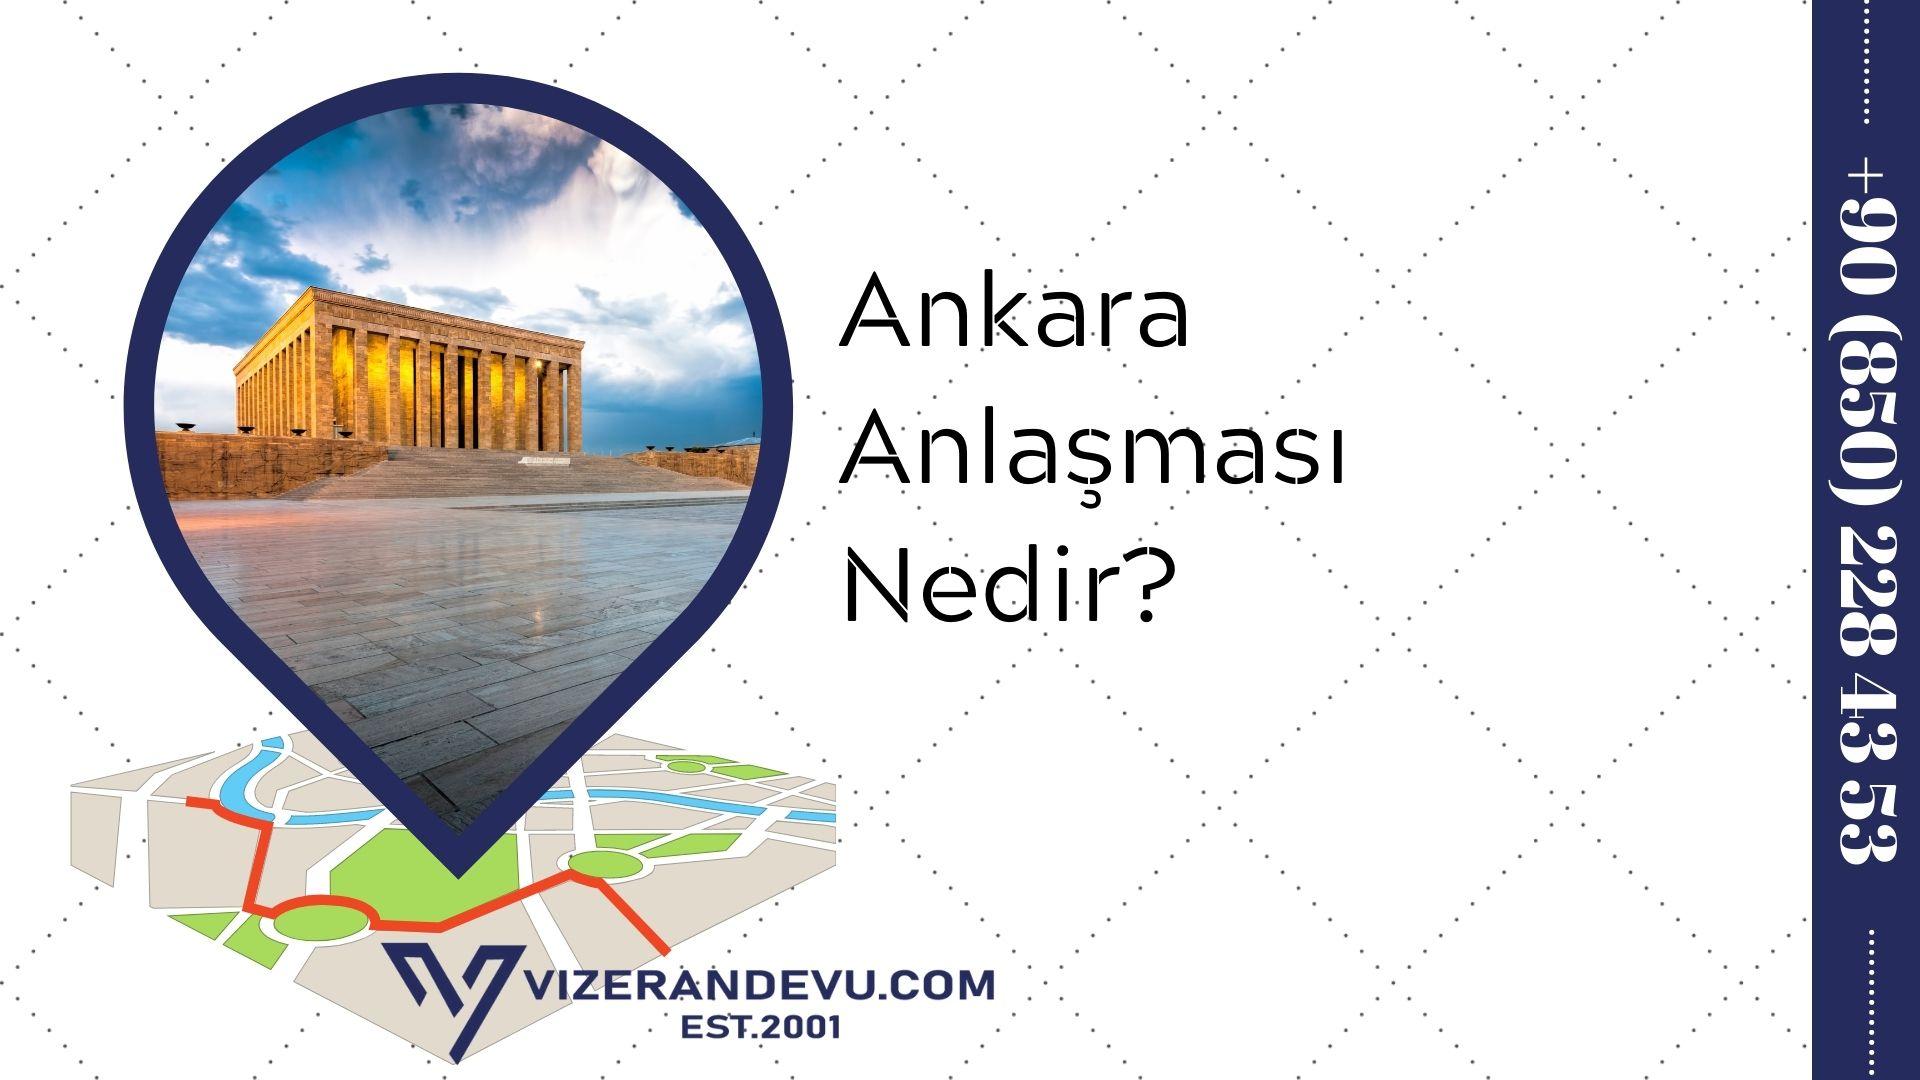 Ankara Anlaşması Nedir?